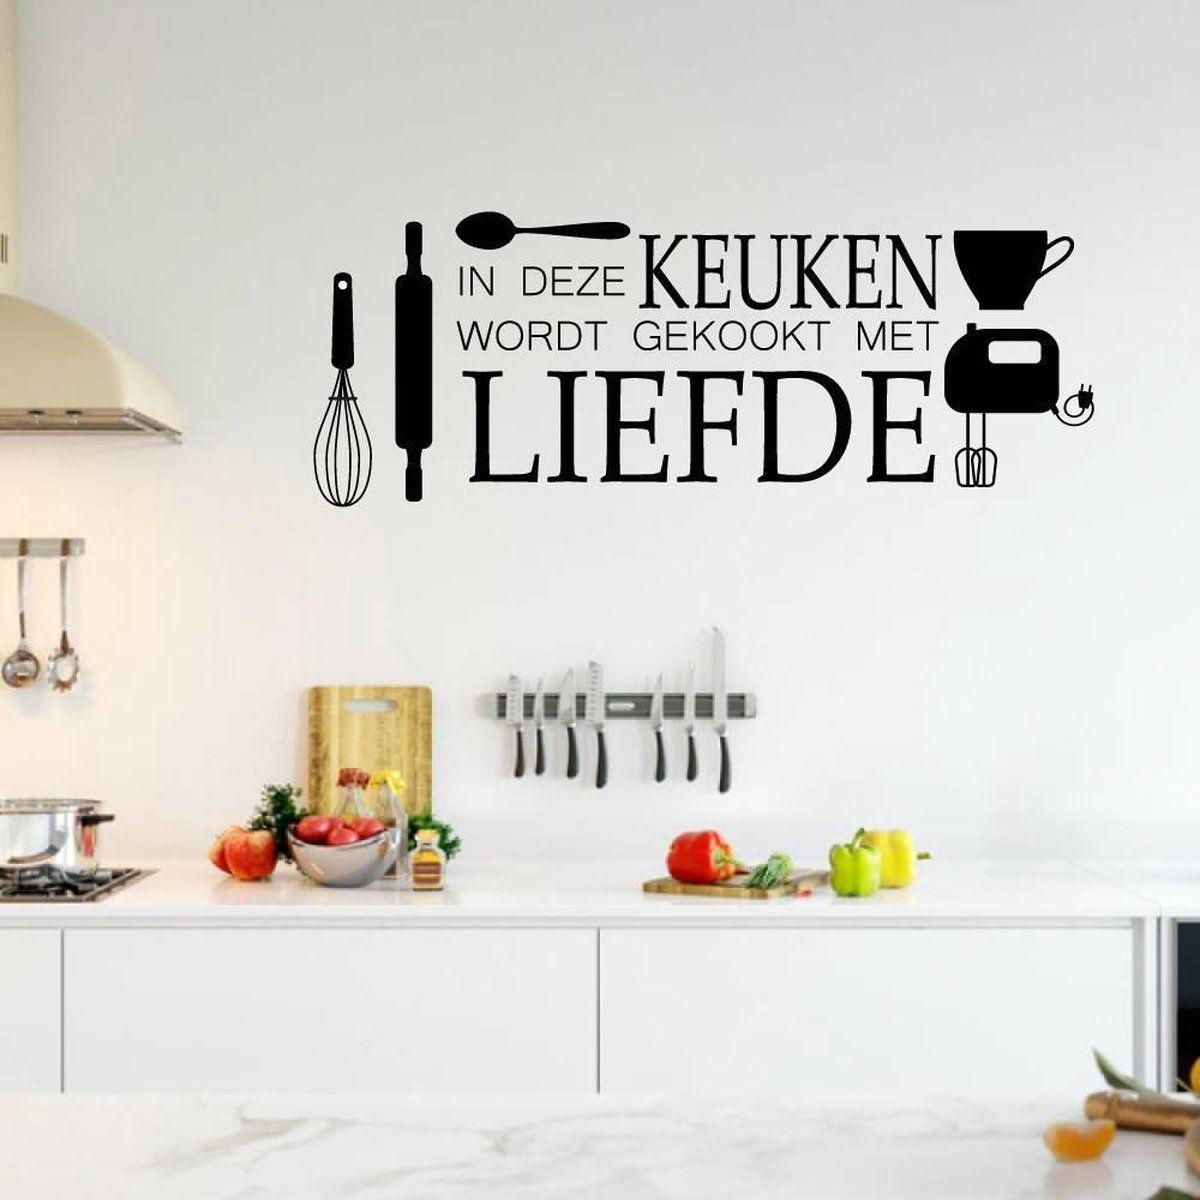 Muursticker In Deze Keuken Wordt Gekookt Met Liefde Groen 80 X 30 Cm In 2021 Muurstickers Keuken Stickers Muurteksten